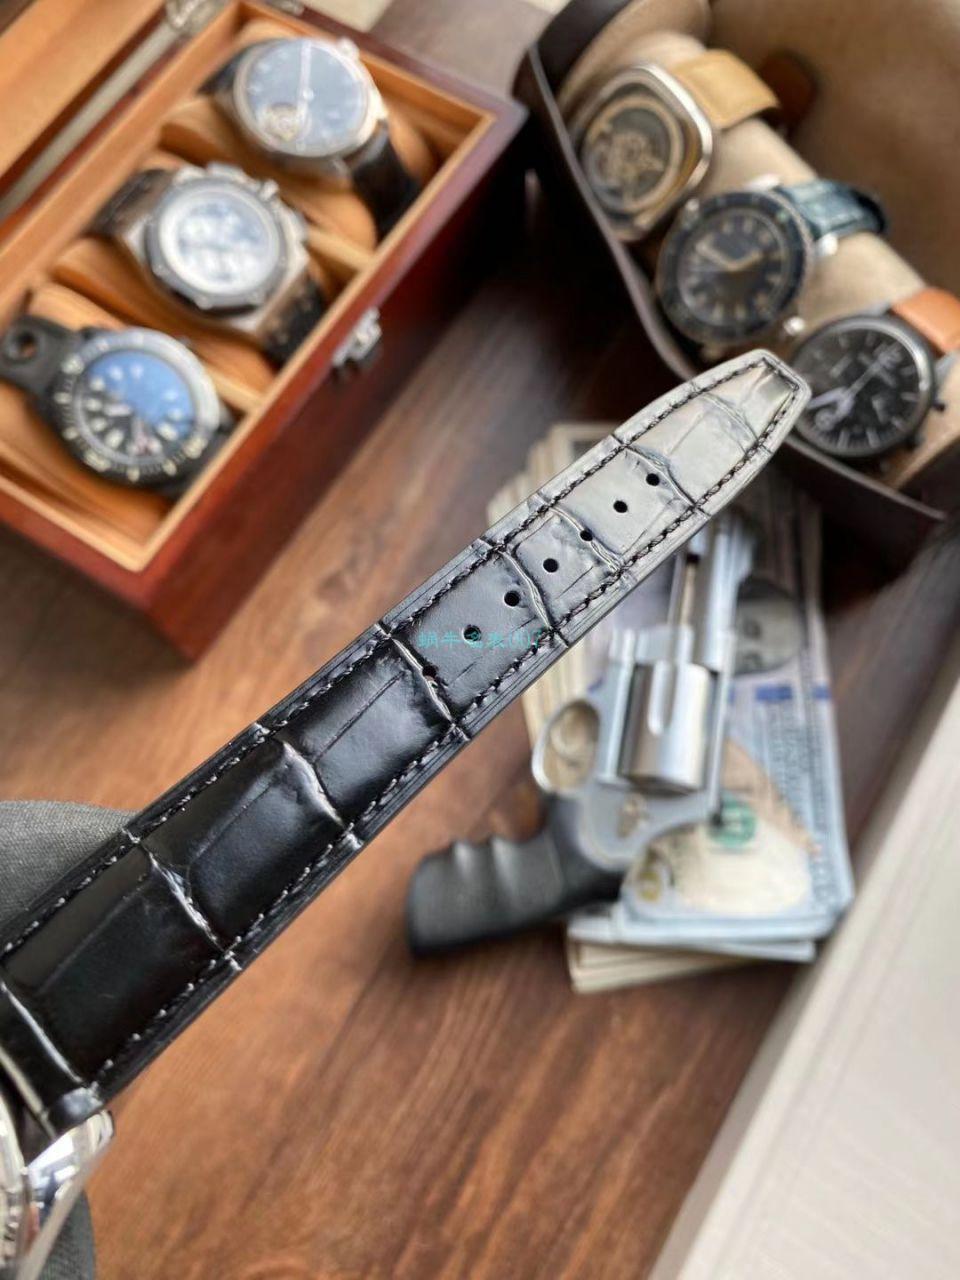 YL厂万国表葡萄牙小三针系列IW358303超A精仿1比1手表 / WG611